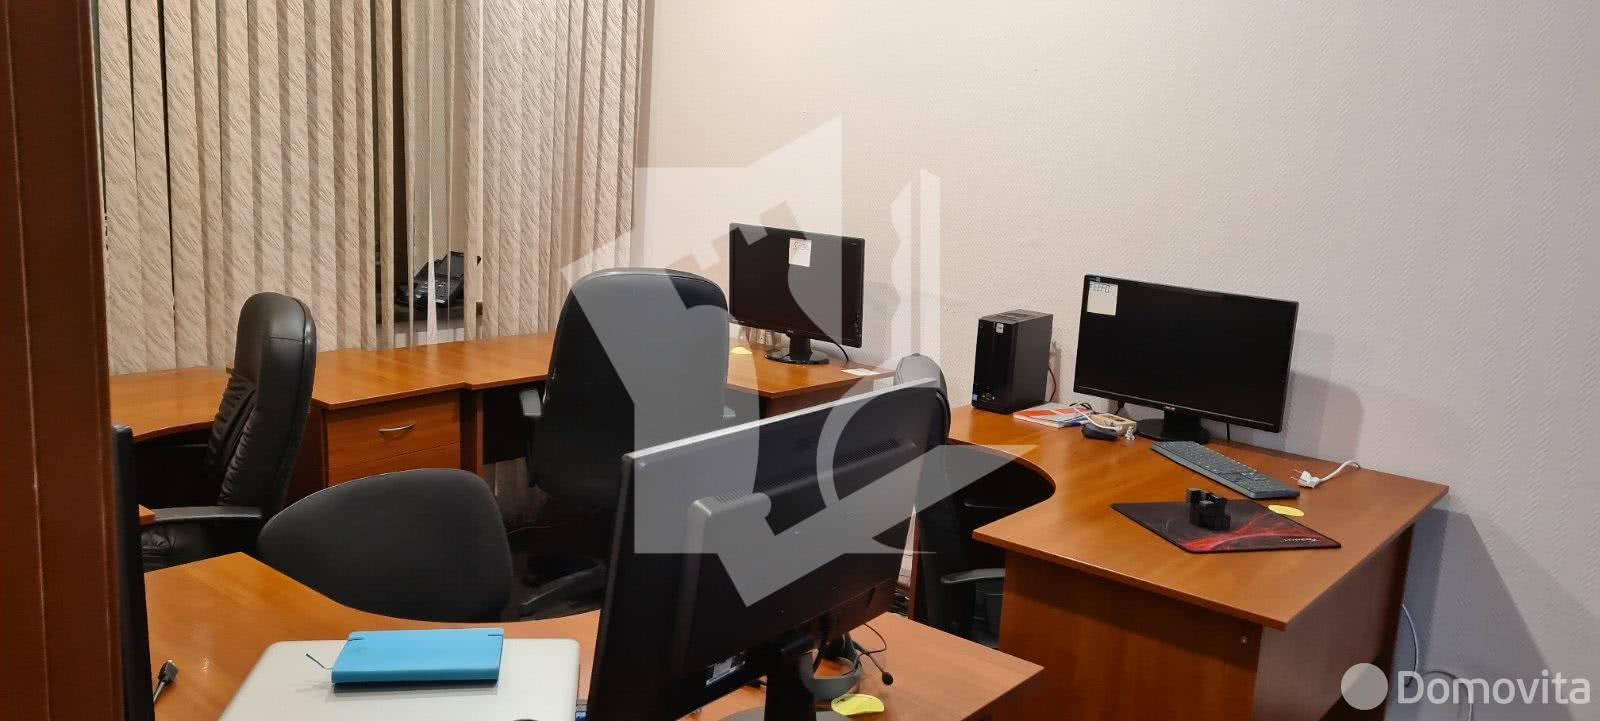 Аренда офиса на ул. Захарова, д. 50В в Минске - фото 6